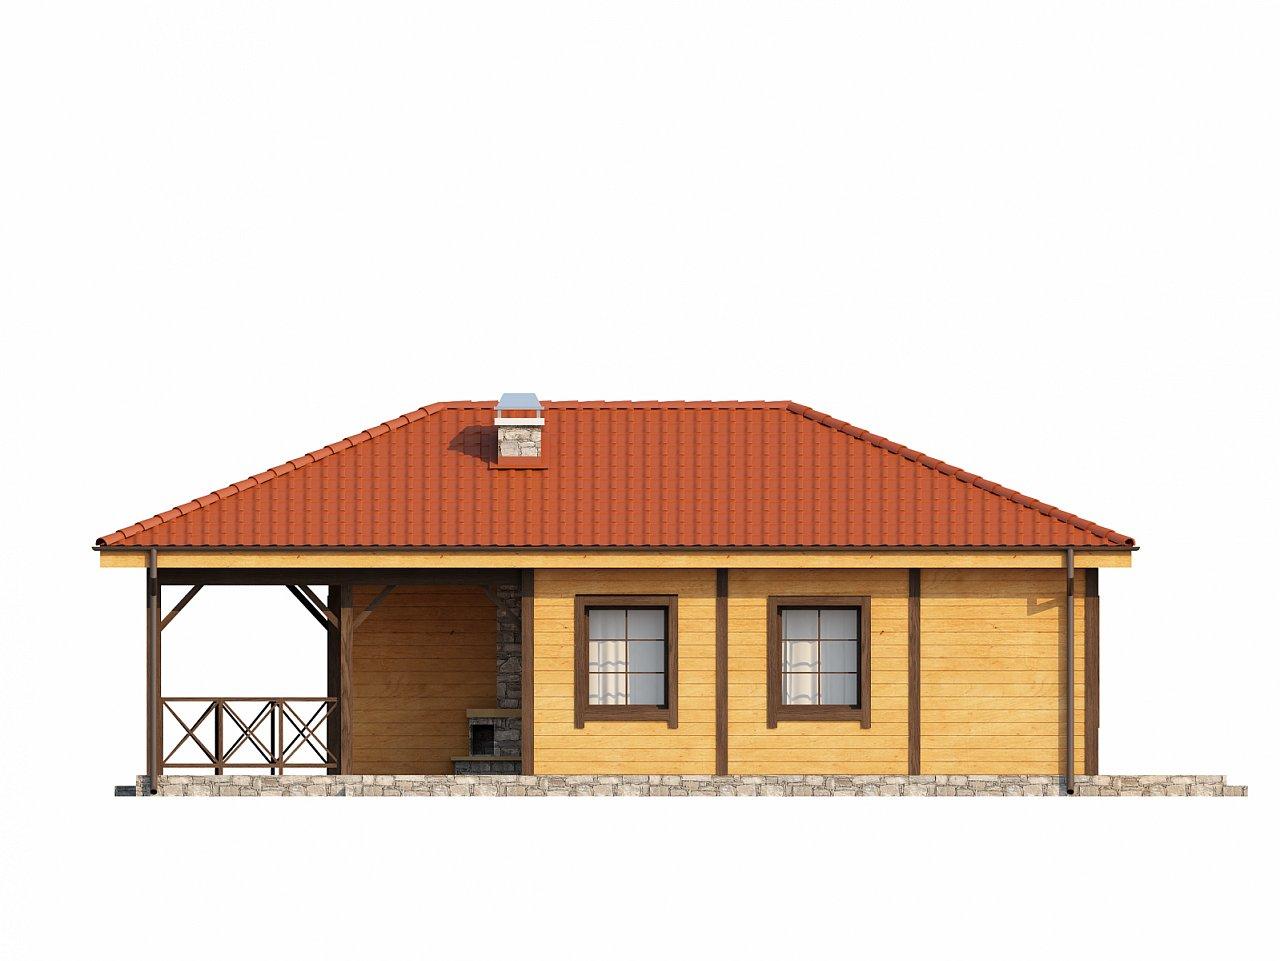 Аккуратный одноэтажный дом с деревянной облицовкой фасадов, адаптированный для каркасной технологии. 16